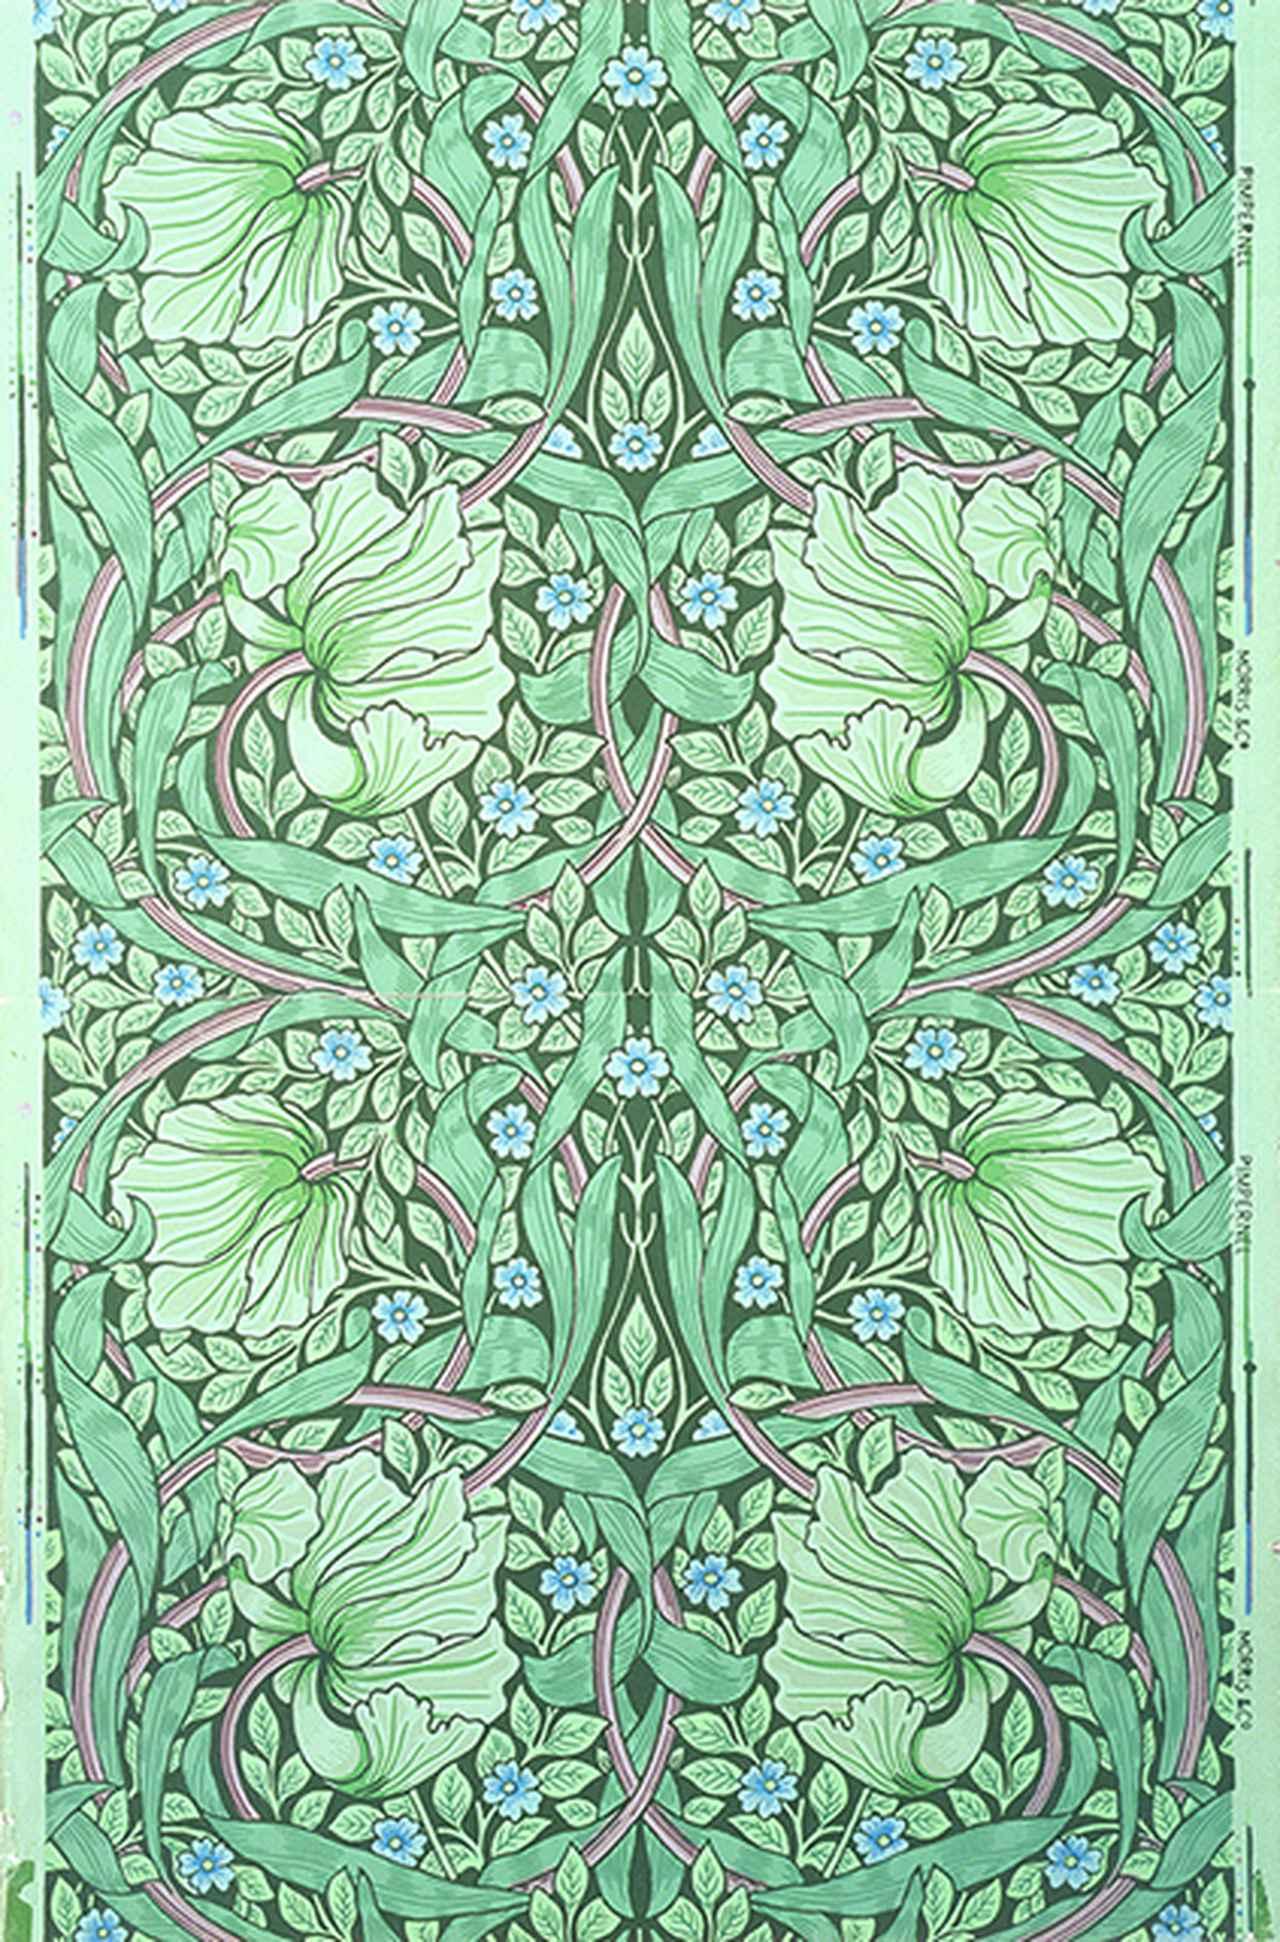 画像: 《るりはこべ》デザイン: ウィリアム・モリス Photo ⓒBrain Trust Inc. 1876年 木版、色刷り(壁紙)84.5 x 55.5 cm モリス商会